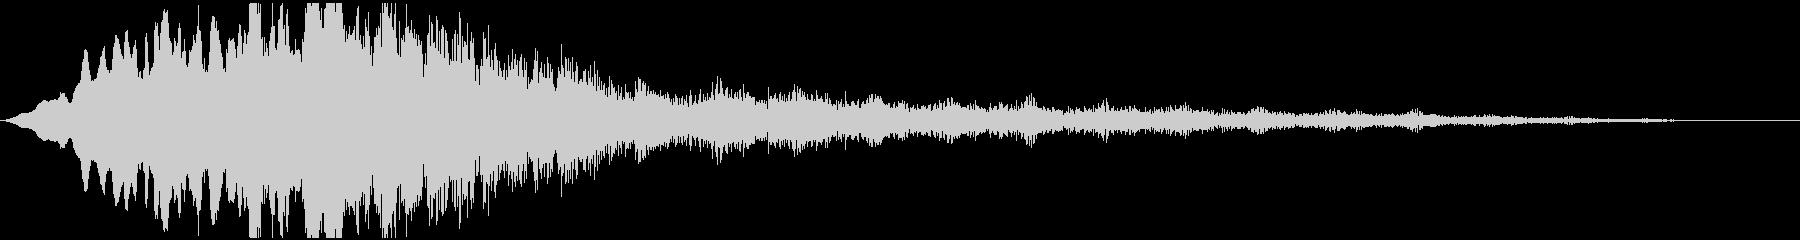 パルサーロゴ4の未再生の波形